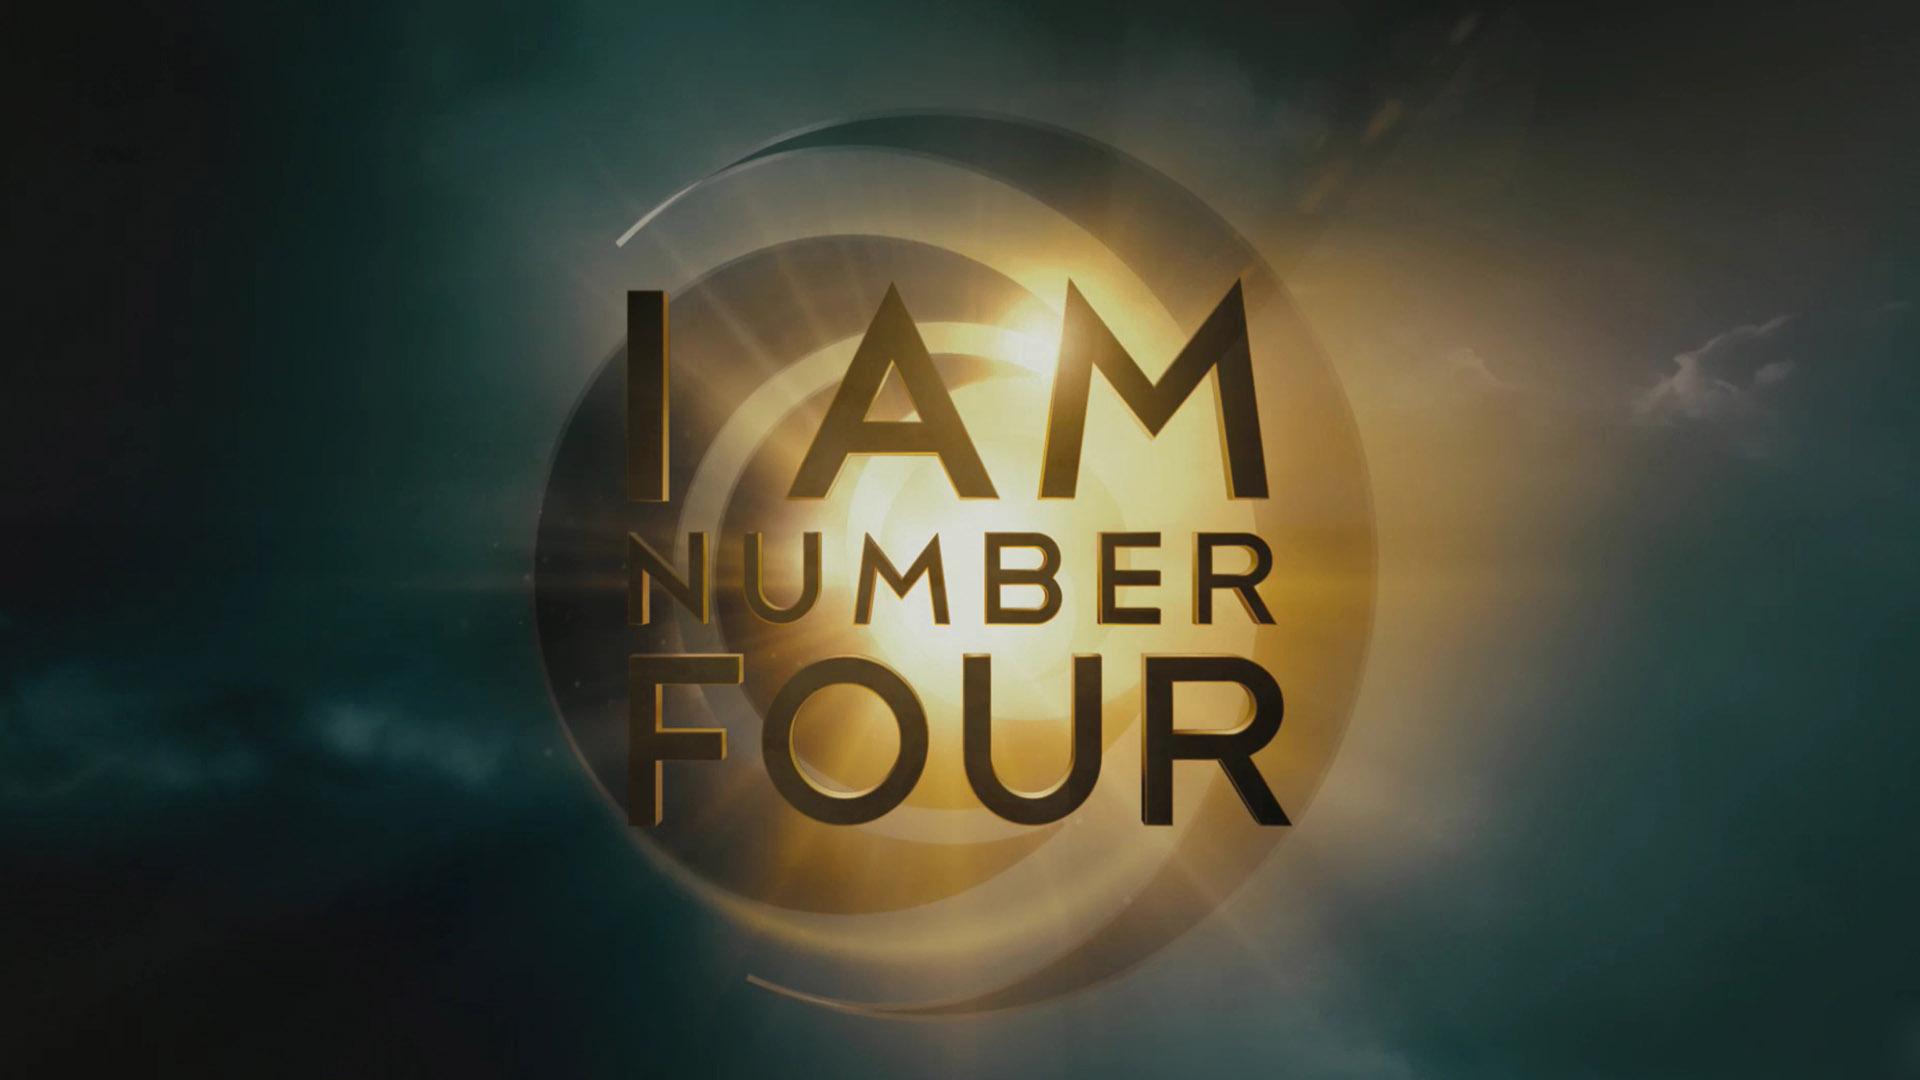 i am number 4 logo - photo #1